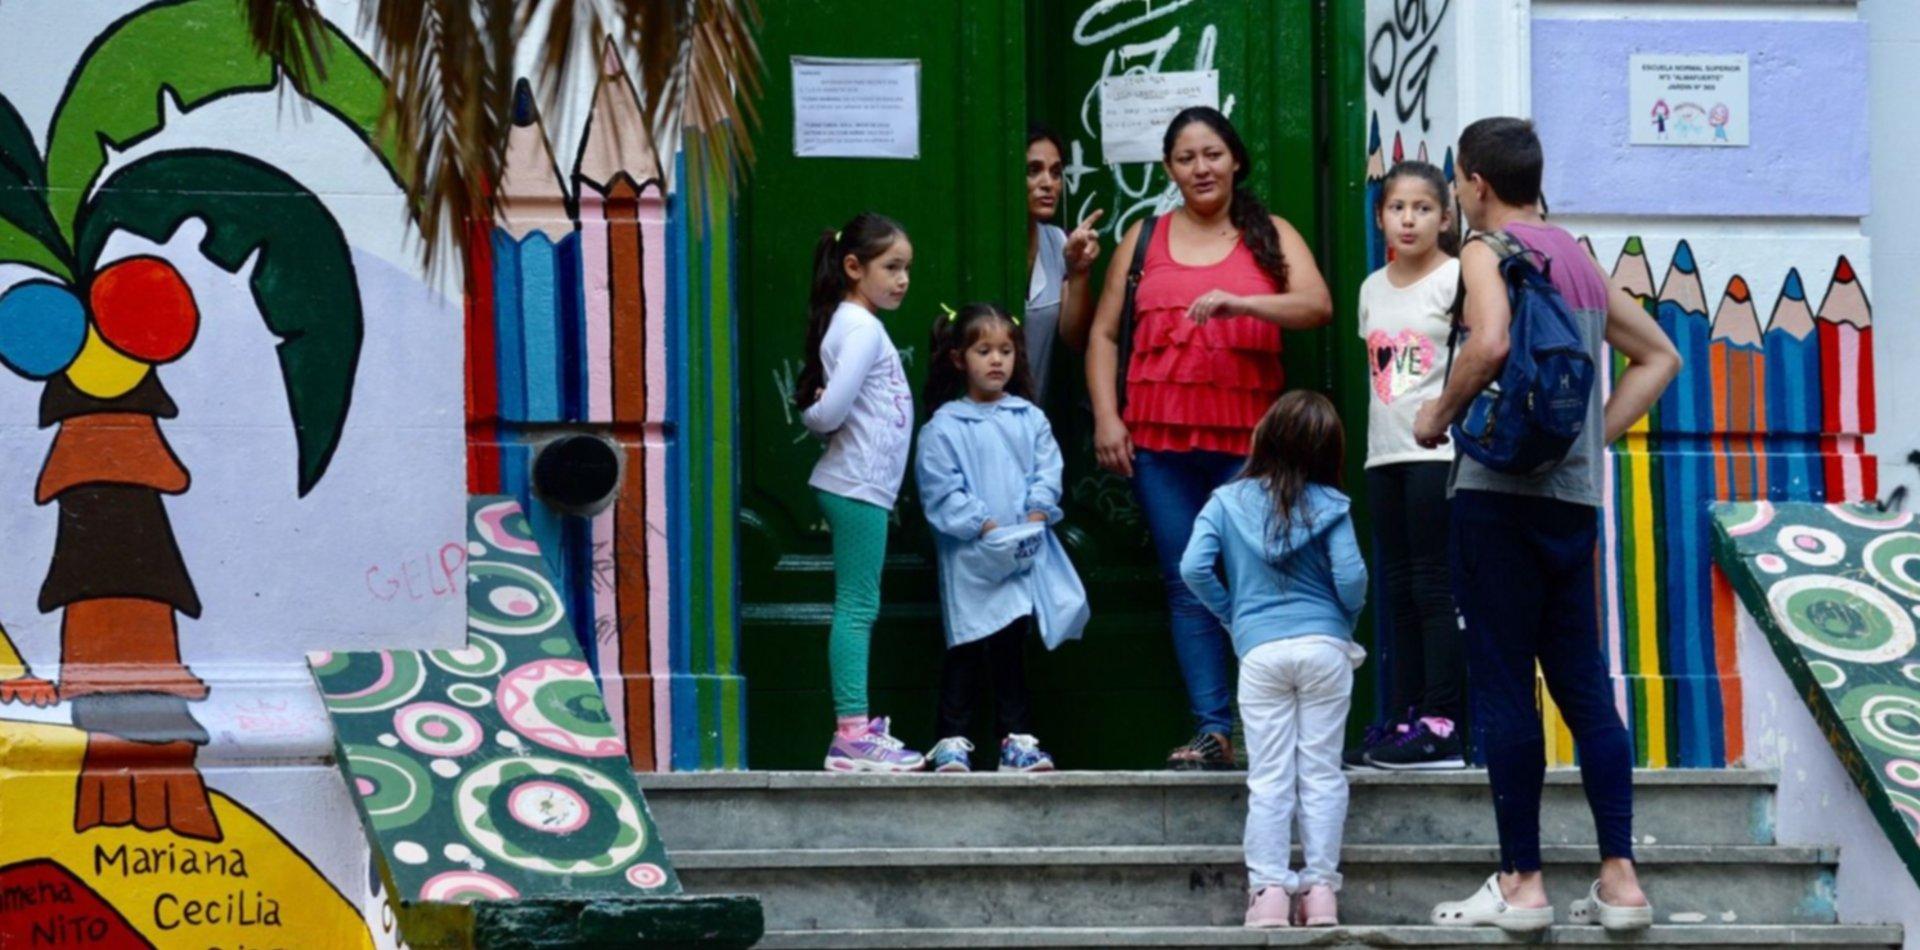 137° aniversario de La Plata: ¿habrá clases el 19 de noviembre?